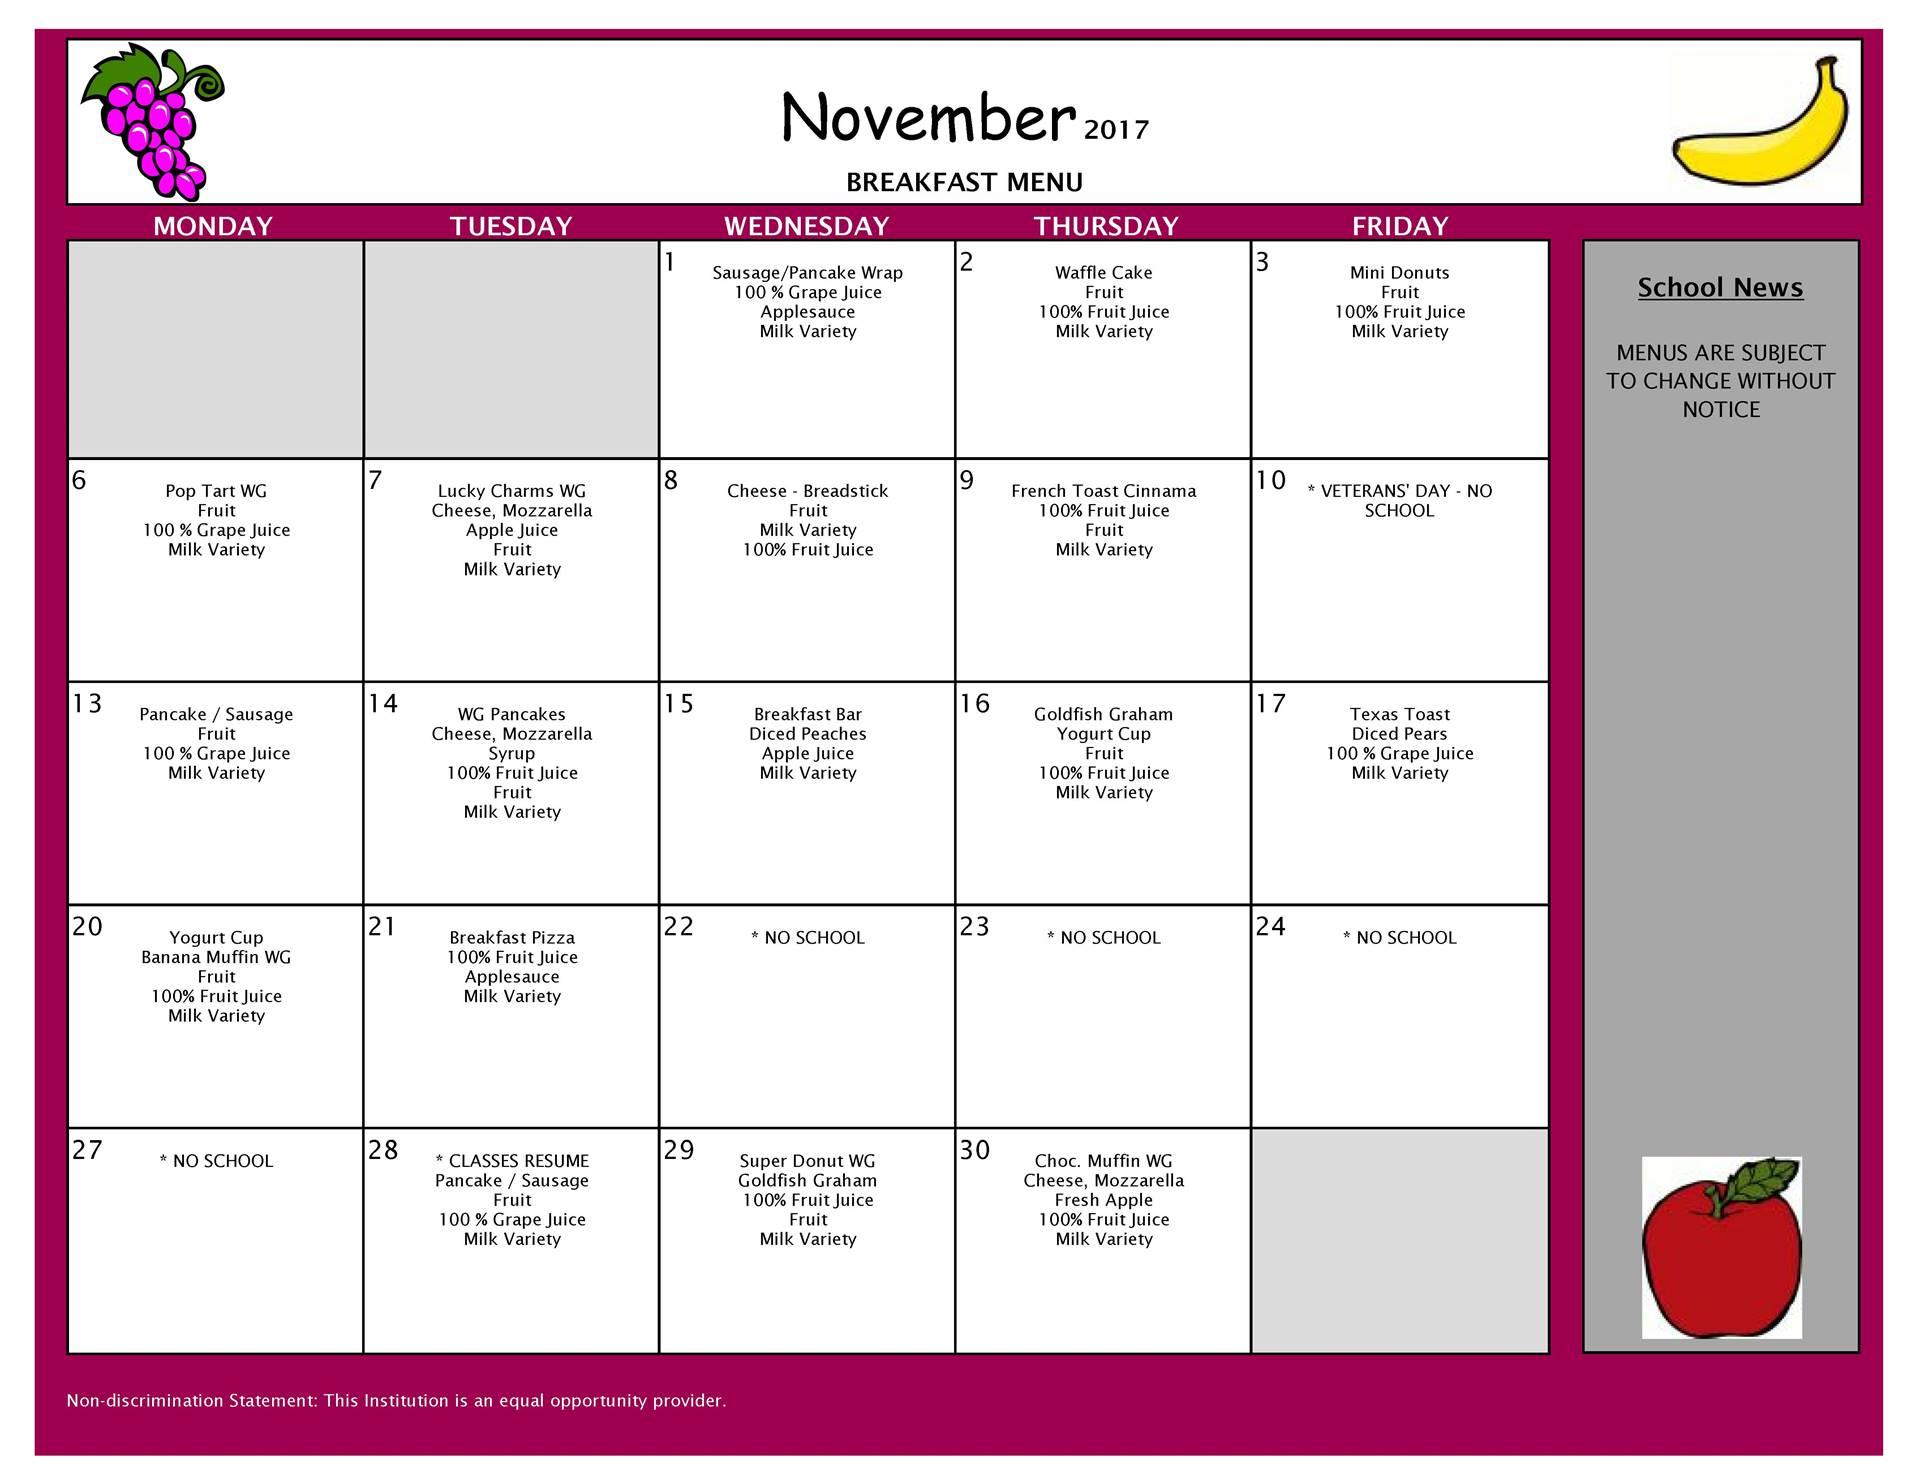 November Breakfast Menu- All Buildings